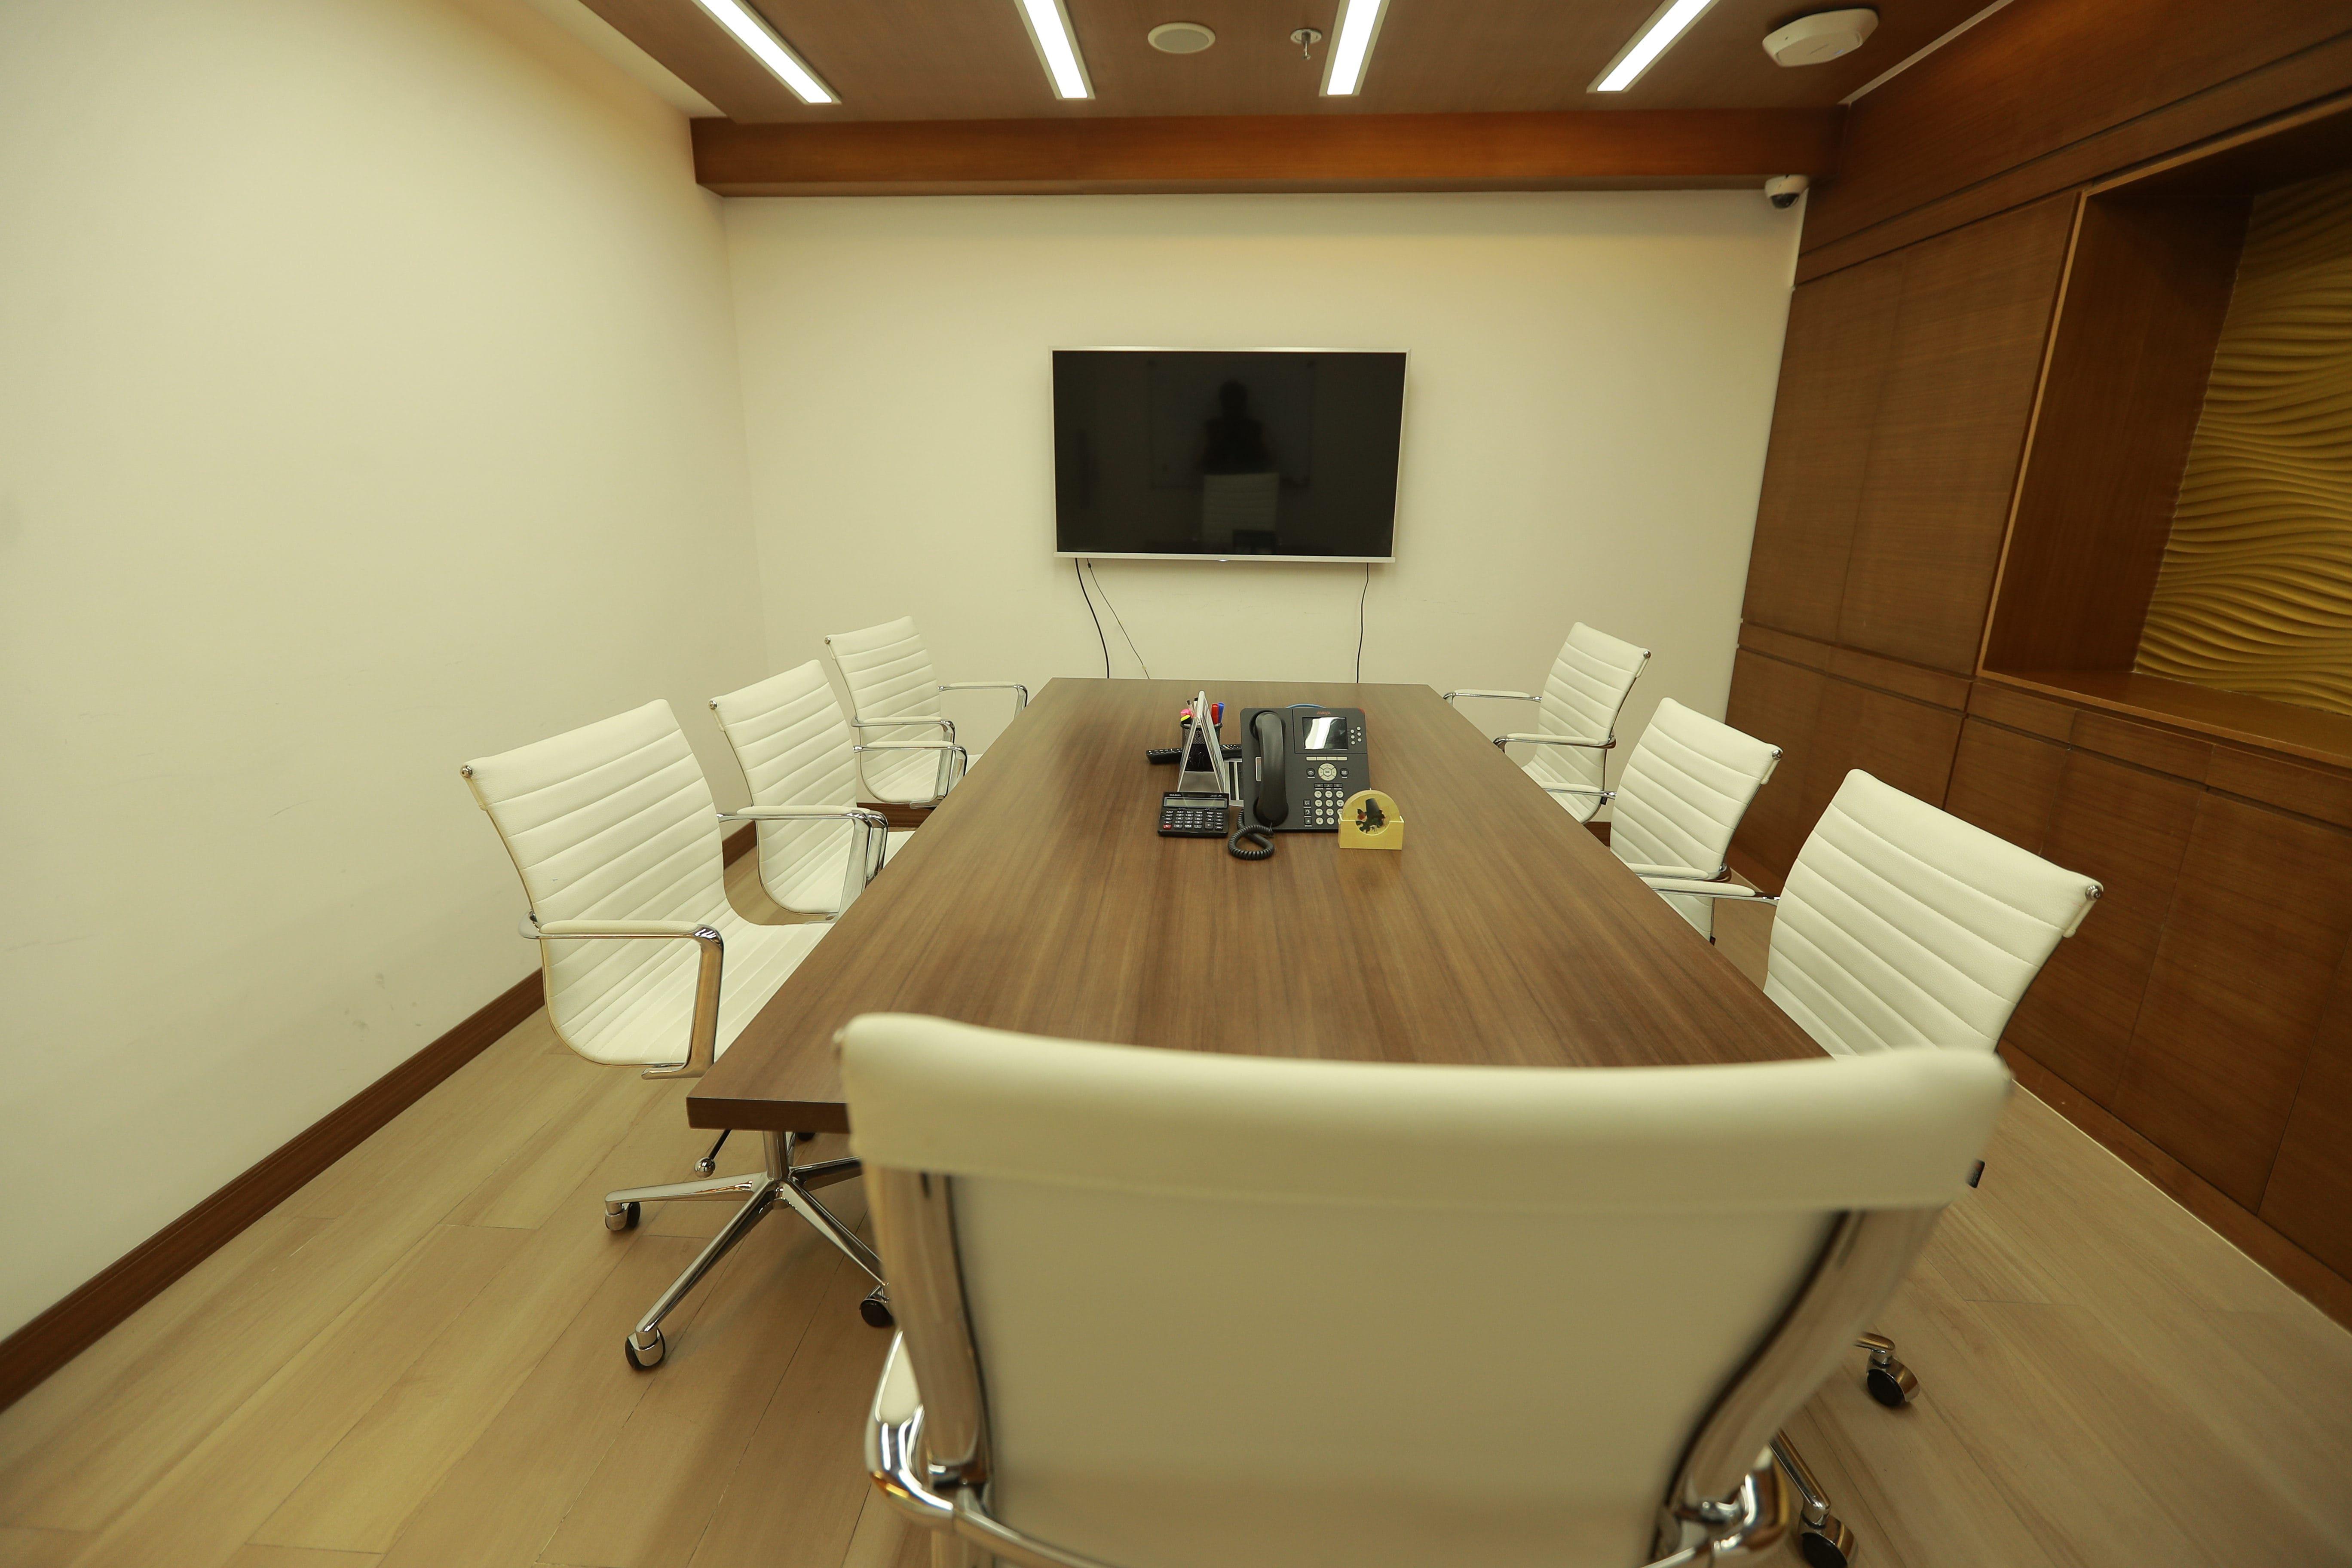 3. Meeting Room 1